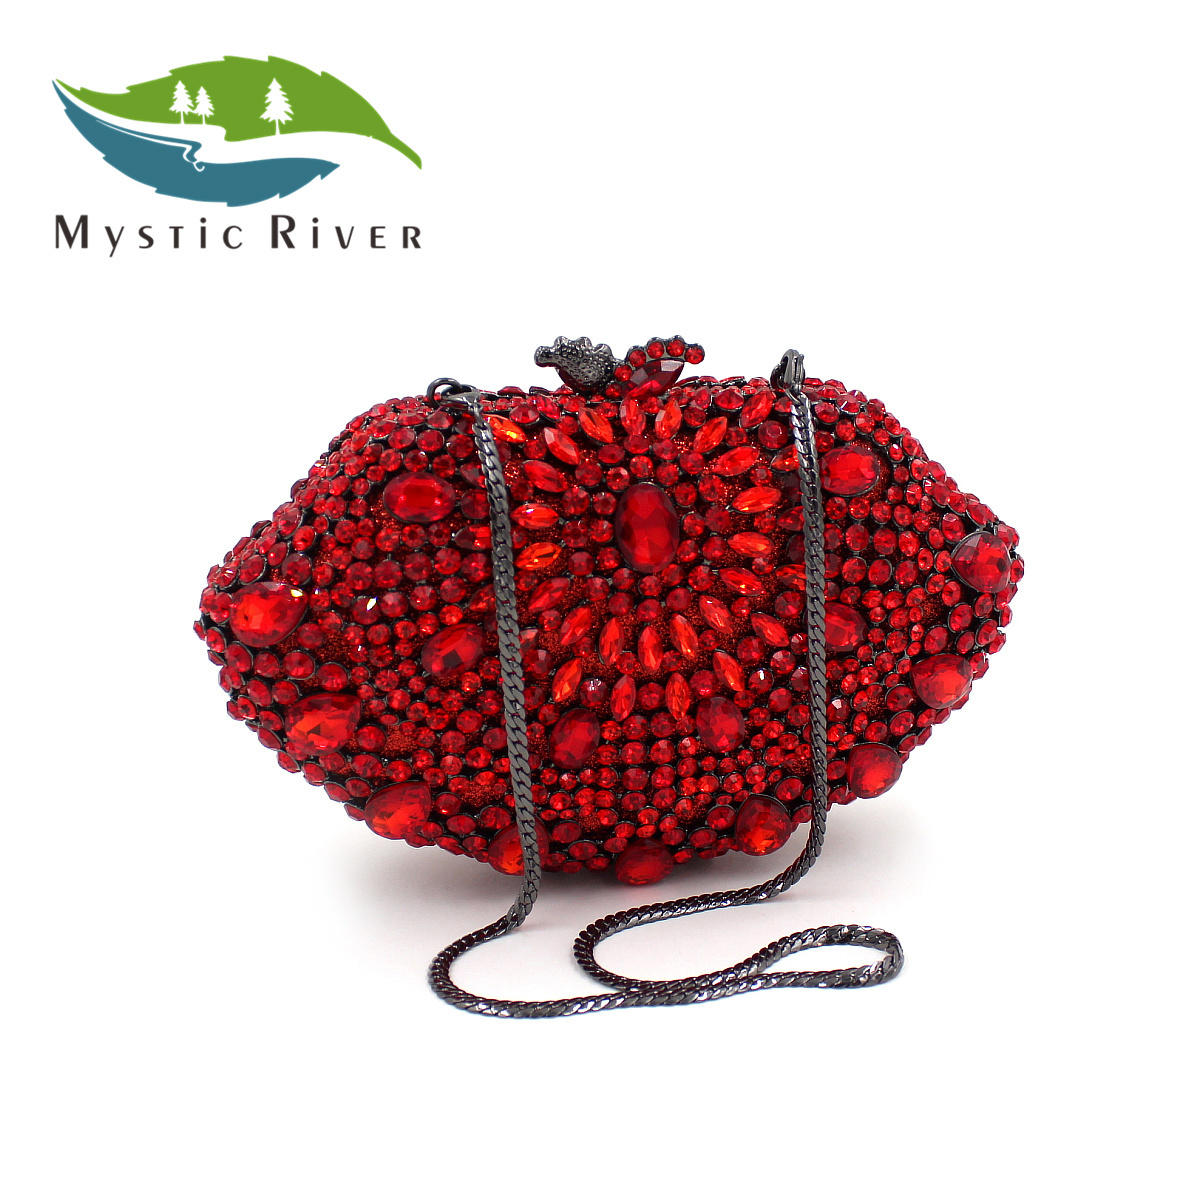 Mystic River Mujeres Moda Bolsos de Noche de Cristal Forma de Concha de La Boda